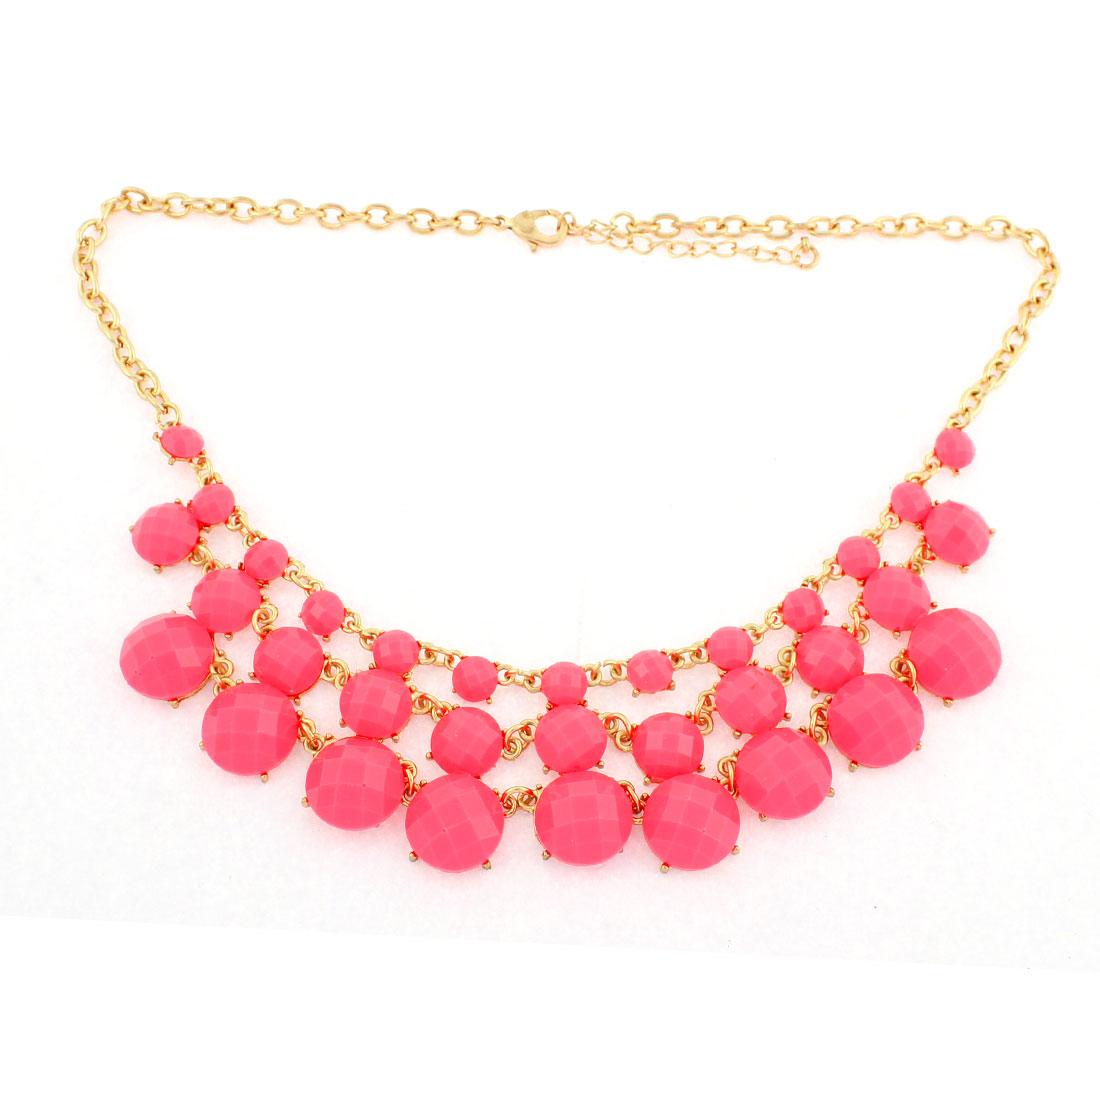 Women Pink Rhinestone Pendant Chain Necklace Choker Bib Jewelry